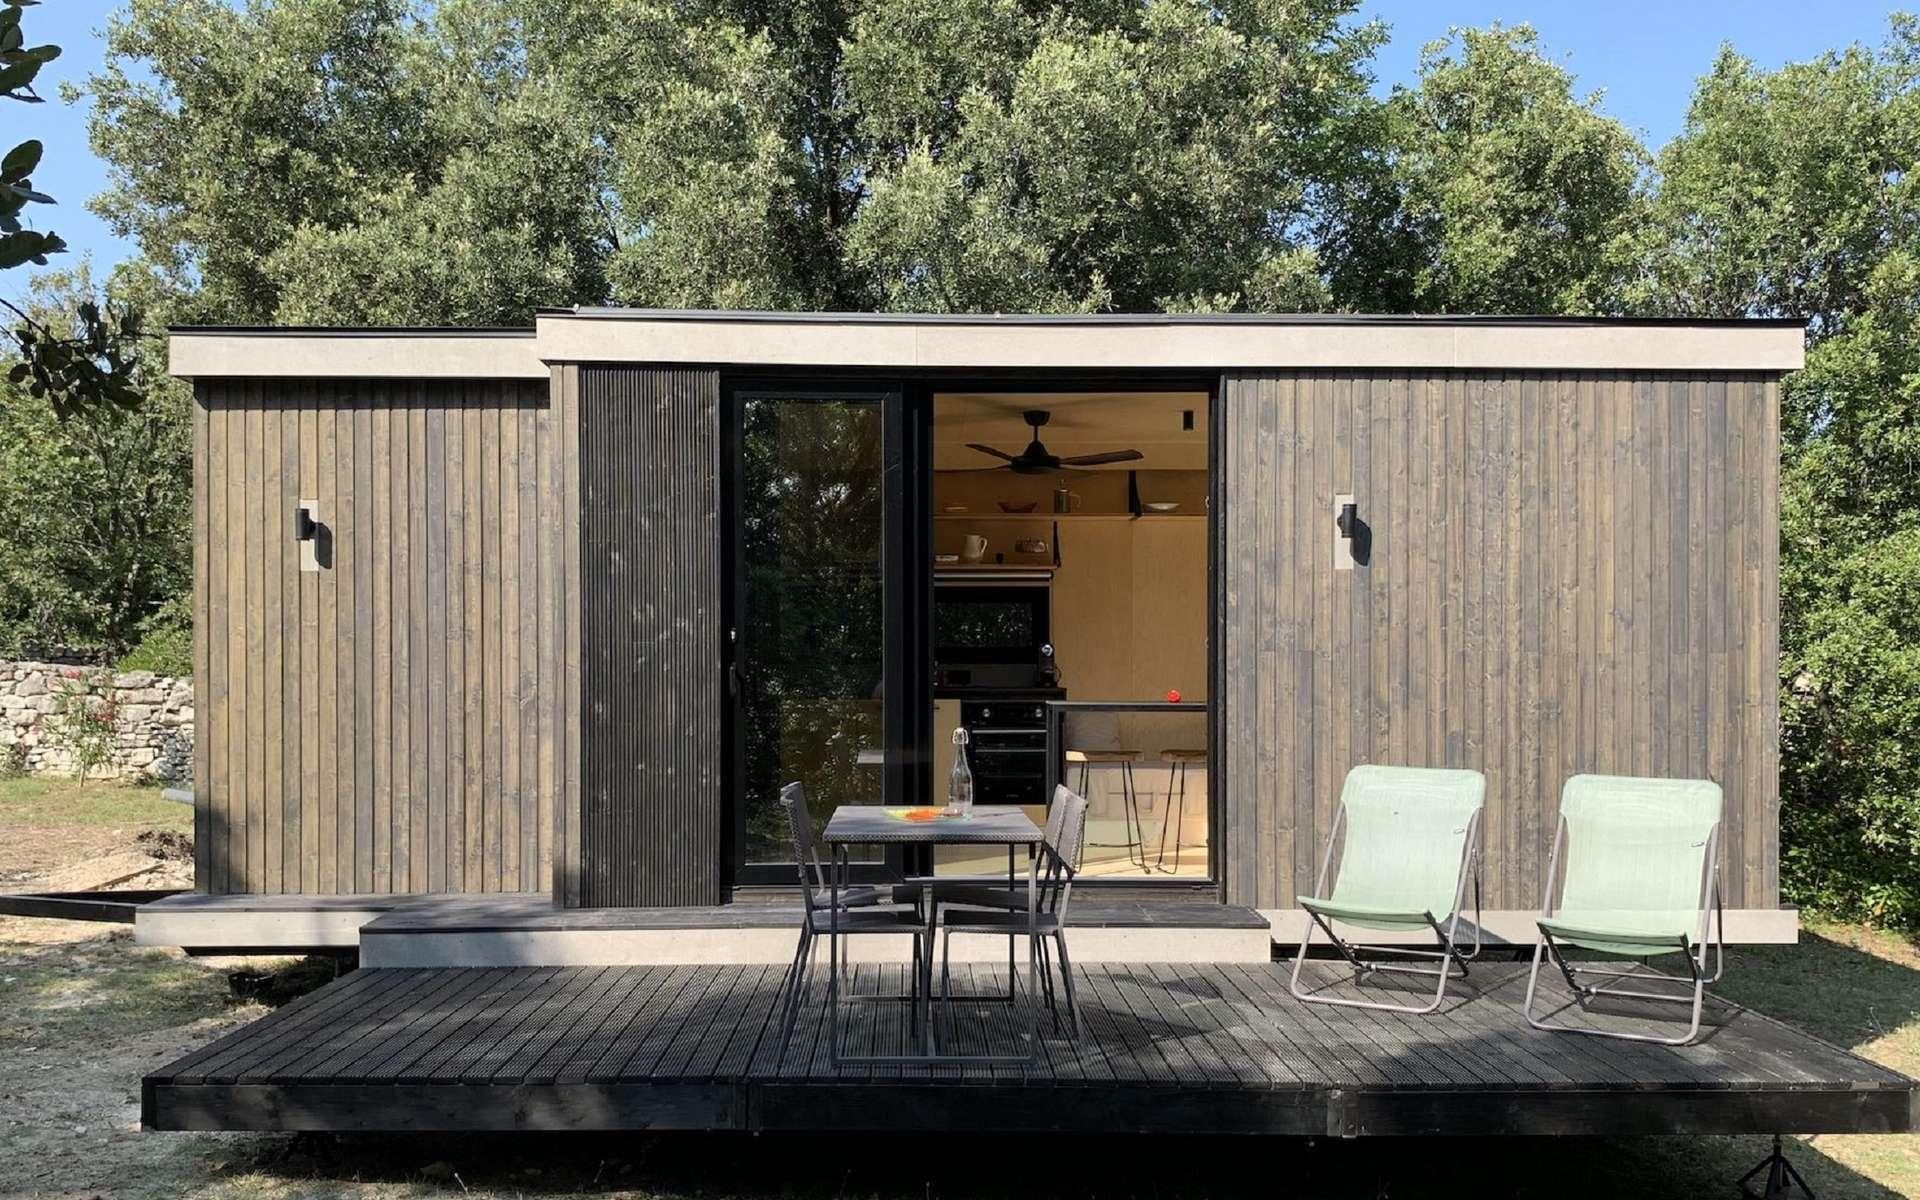 Habitat léger, une Tiny House permet de profiter d'un petit studio ou d'un bureau dans le jardin. Parfaitement isolé, cette micromaison est équipée comme une grande. ©Kab'inn